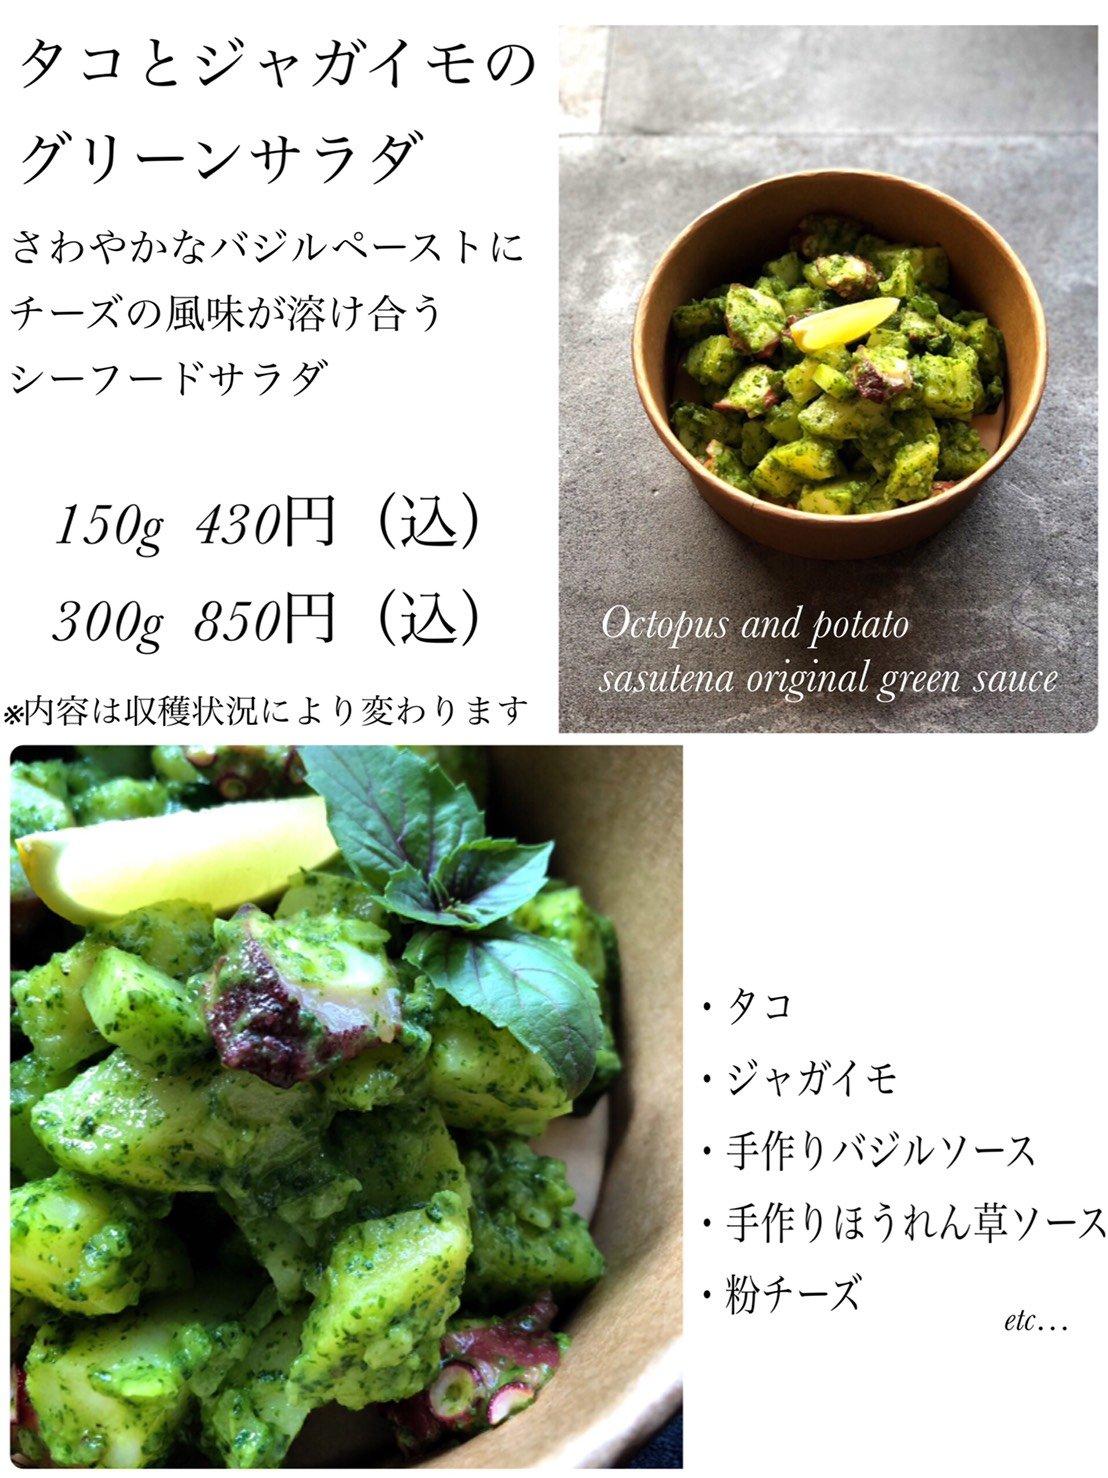 タコとジャガイモのグリーンサラダ/300g/quinoa salad/ノーポーク/ノーアルコール/岐阜サラダ/デリバリー/テイクアウトのイメージその1